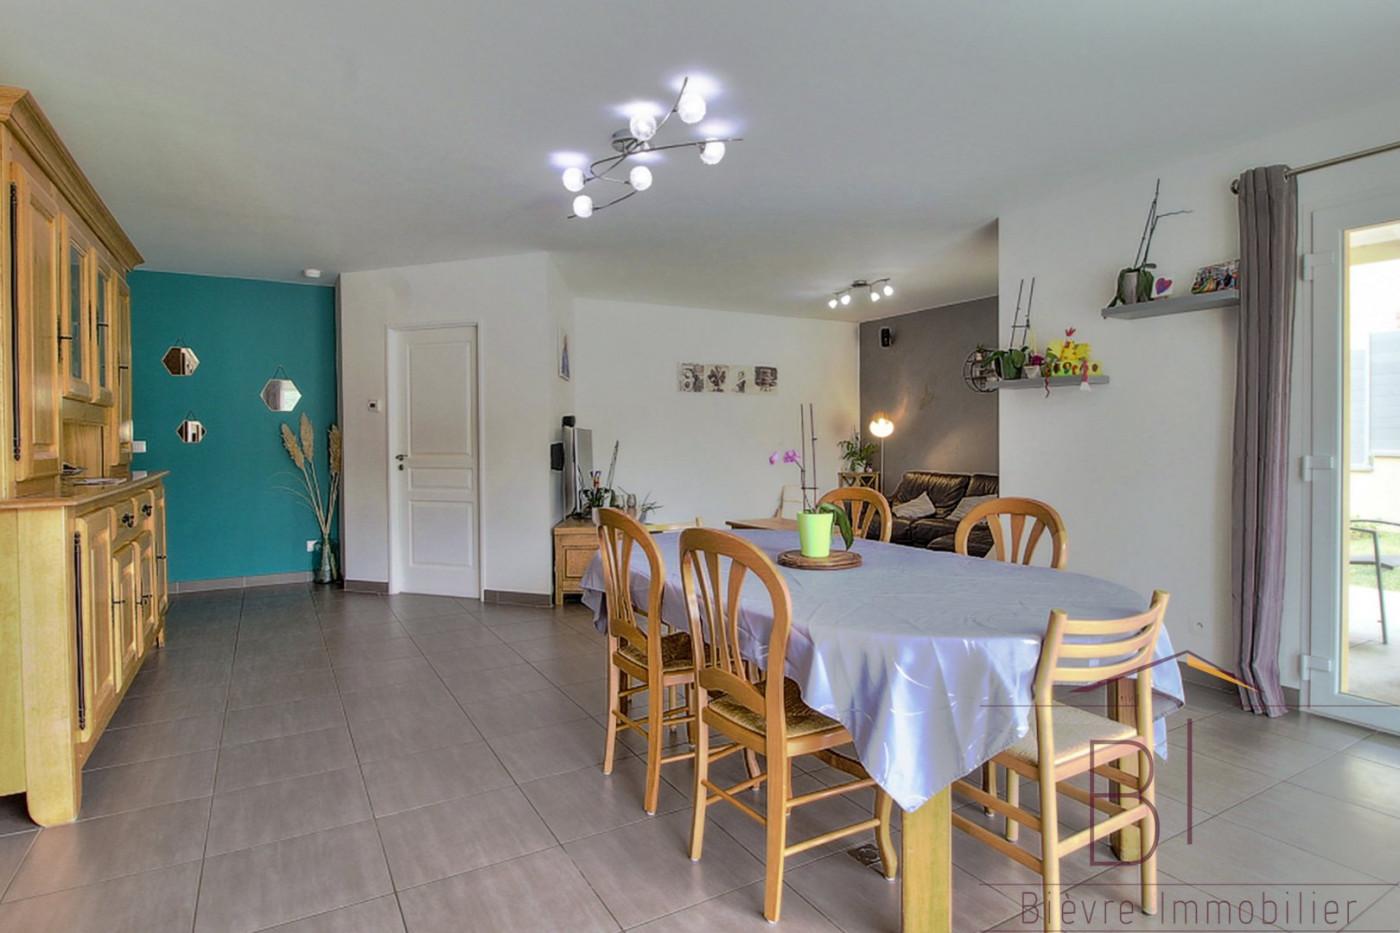 A vendre Voiron 380422246 Bievre immobilier